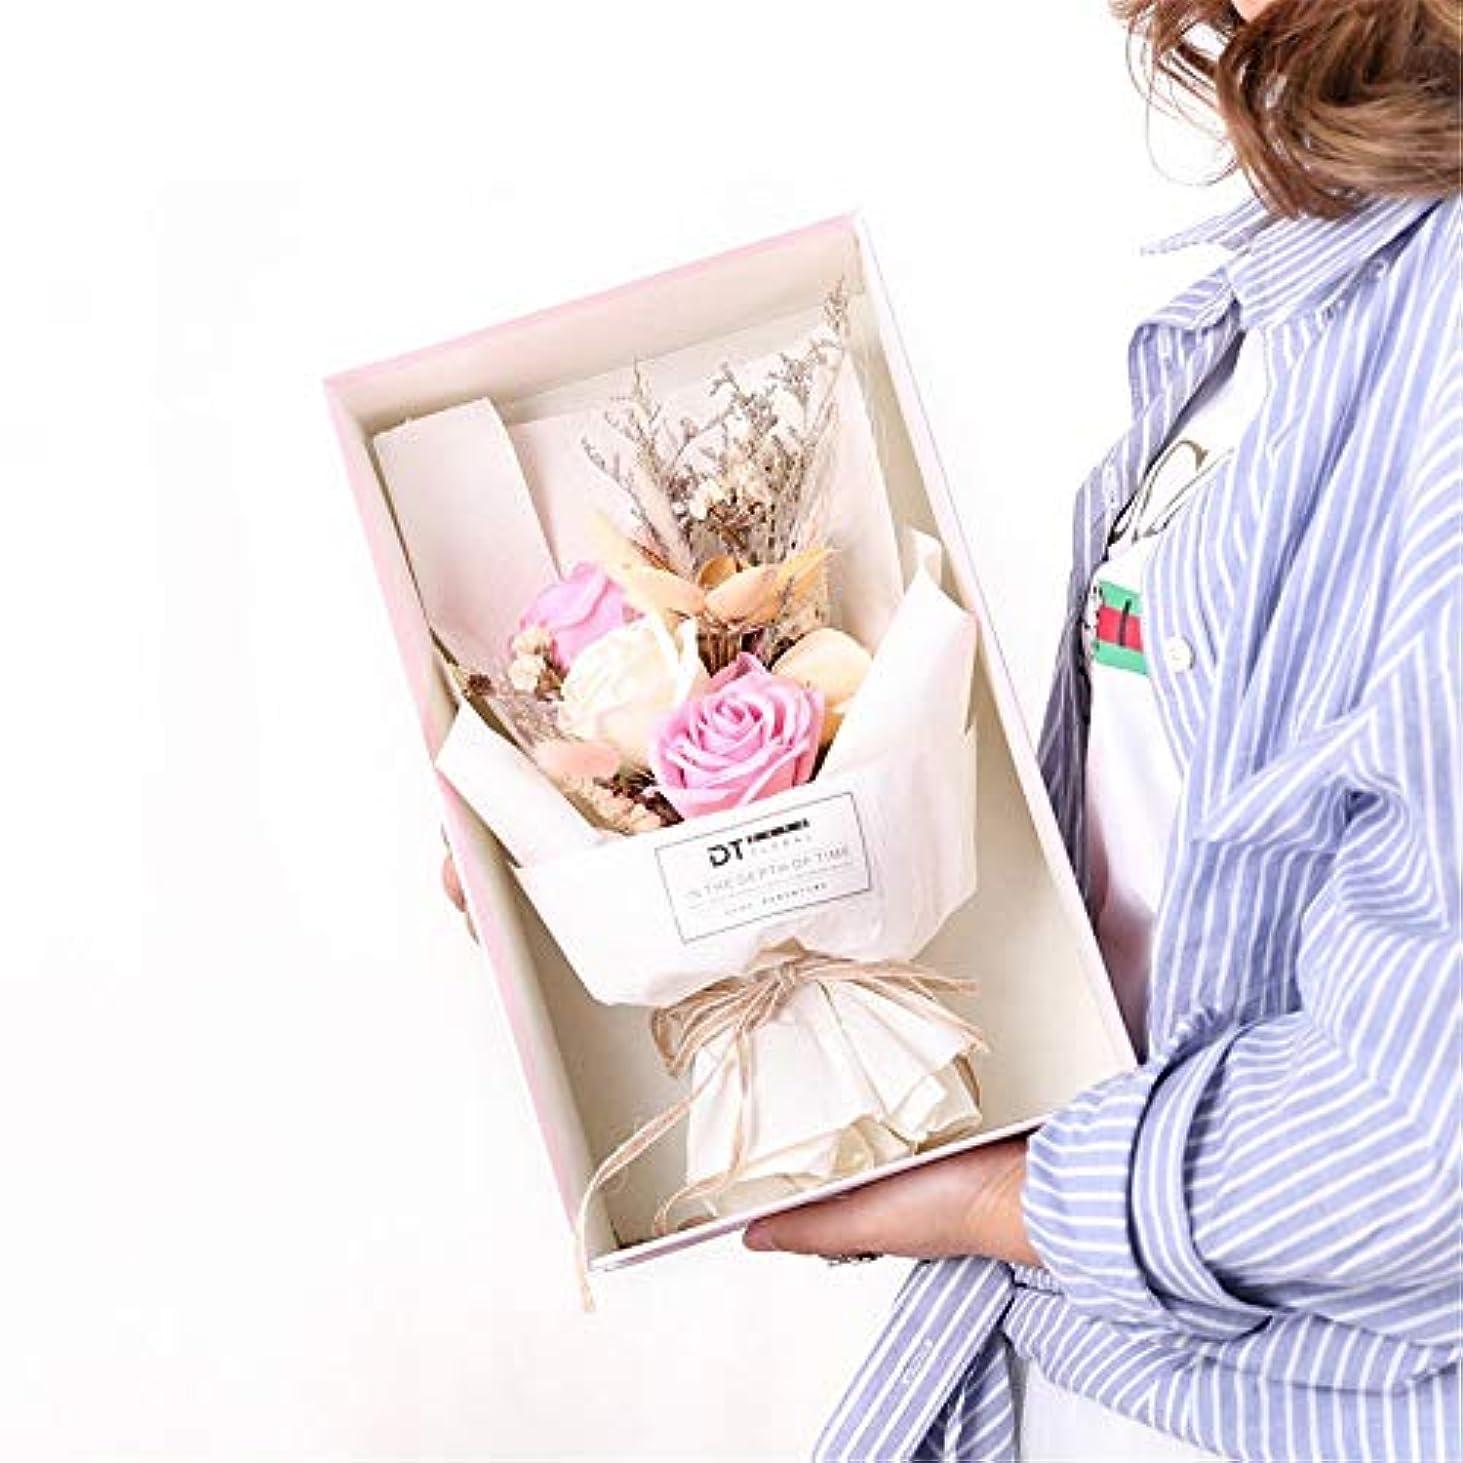 昆虫素晴らしいです映画手作りのバラ石鹸フラワーブーケのギフトボックス、女性のためのギフトバレンタインデー、母の日、結婚式、クリスマス、誕生日を愛した女の子 (色 : ピンク)